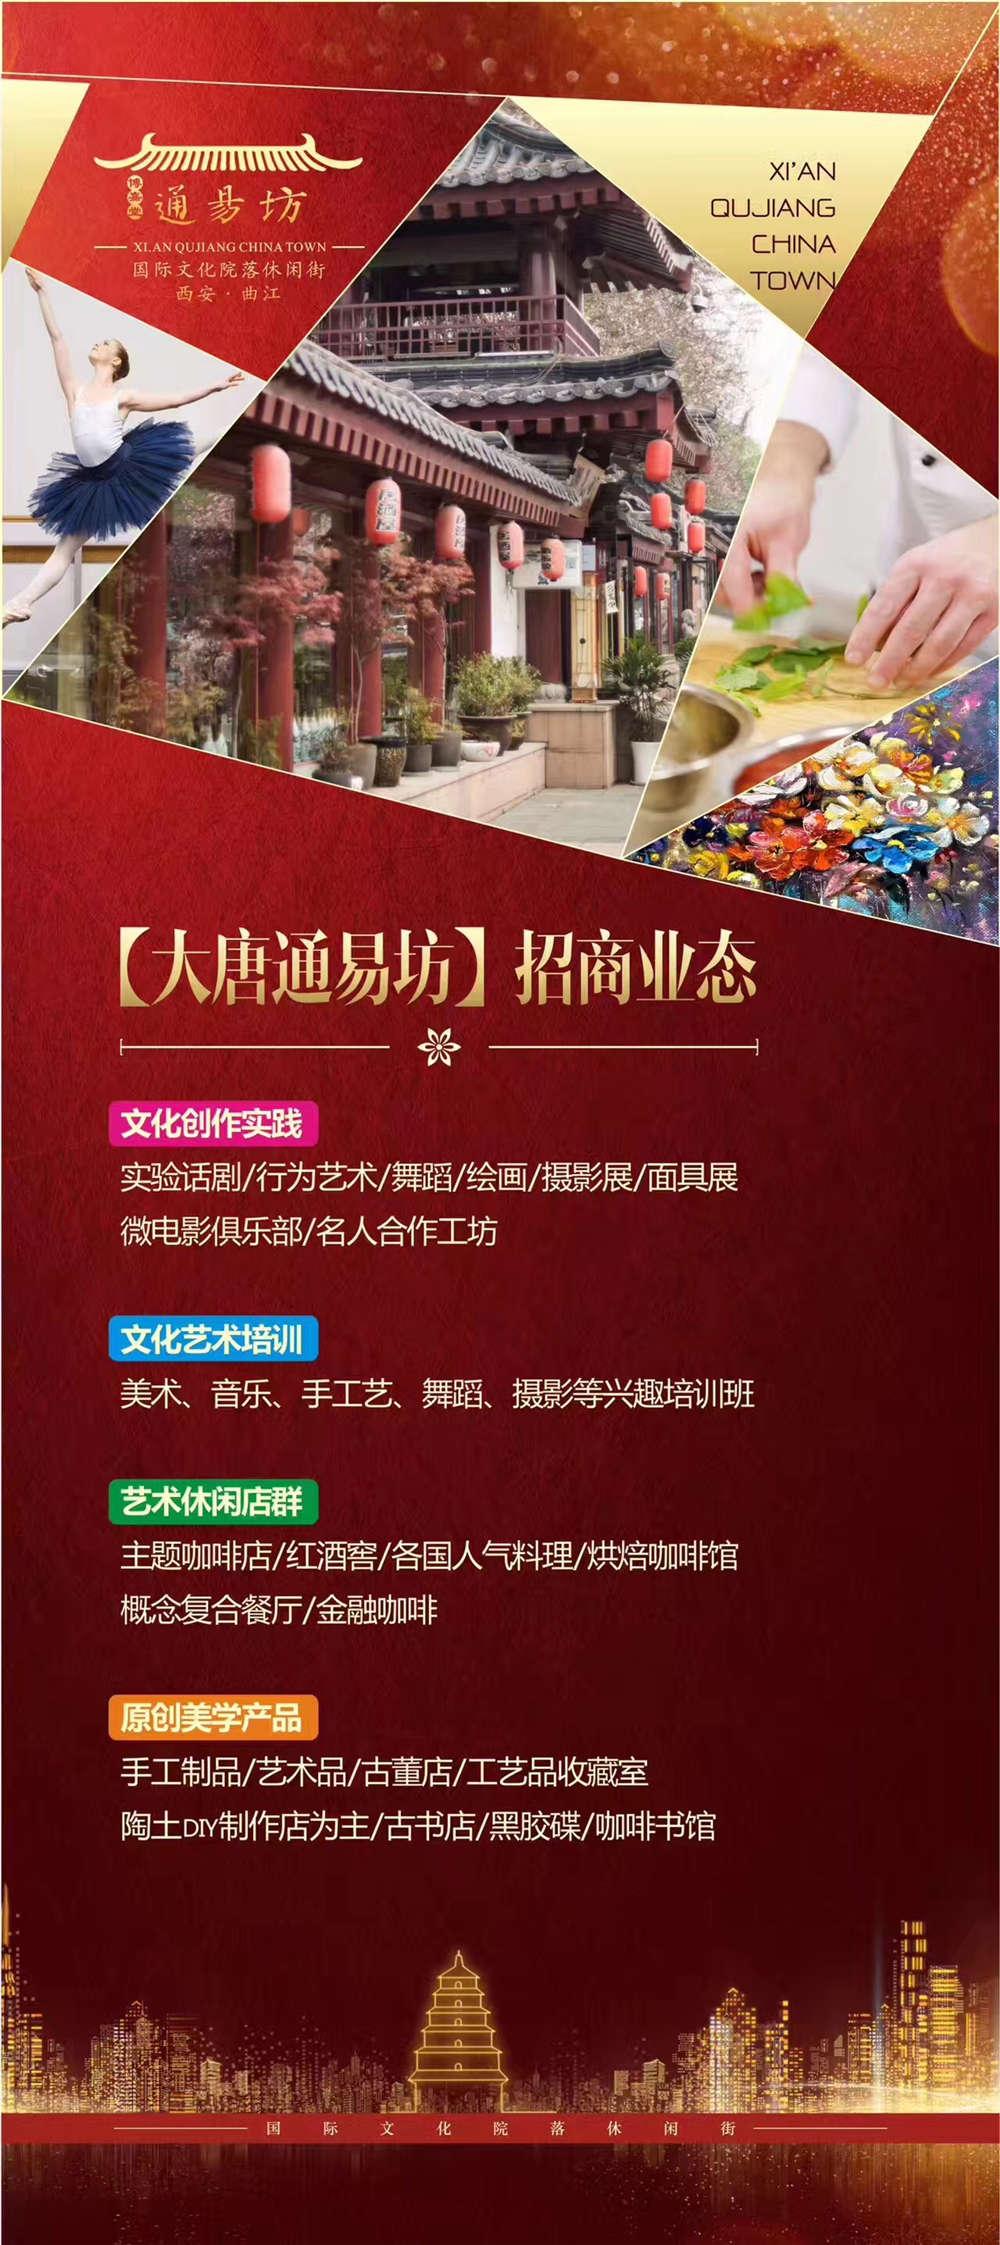 大唐通易坊火热招商(招商中心,非中介)